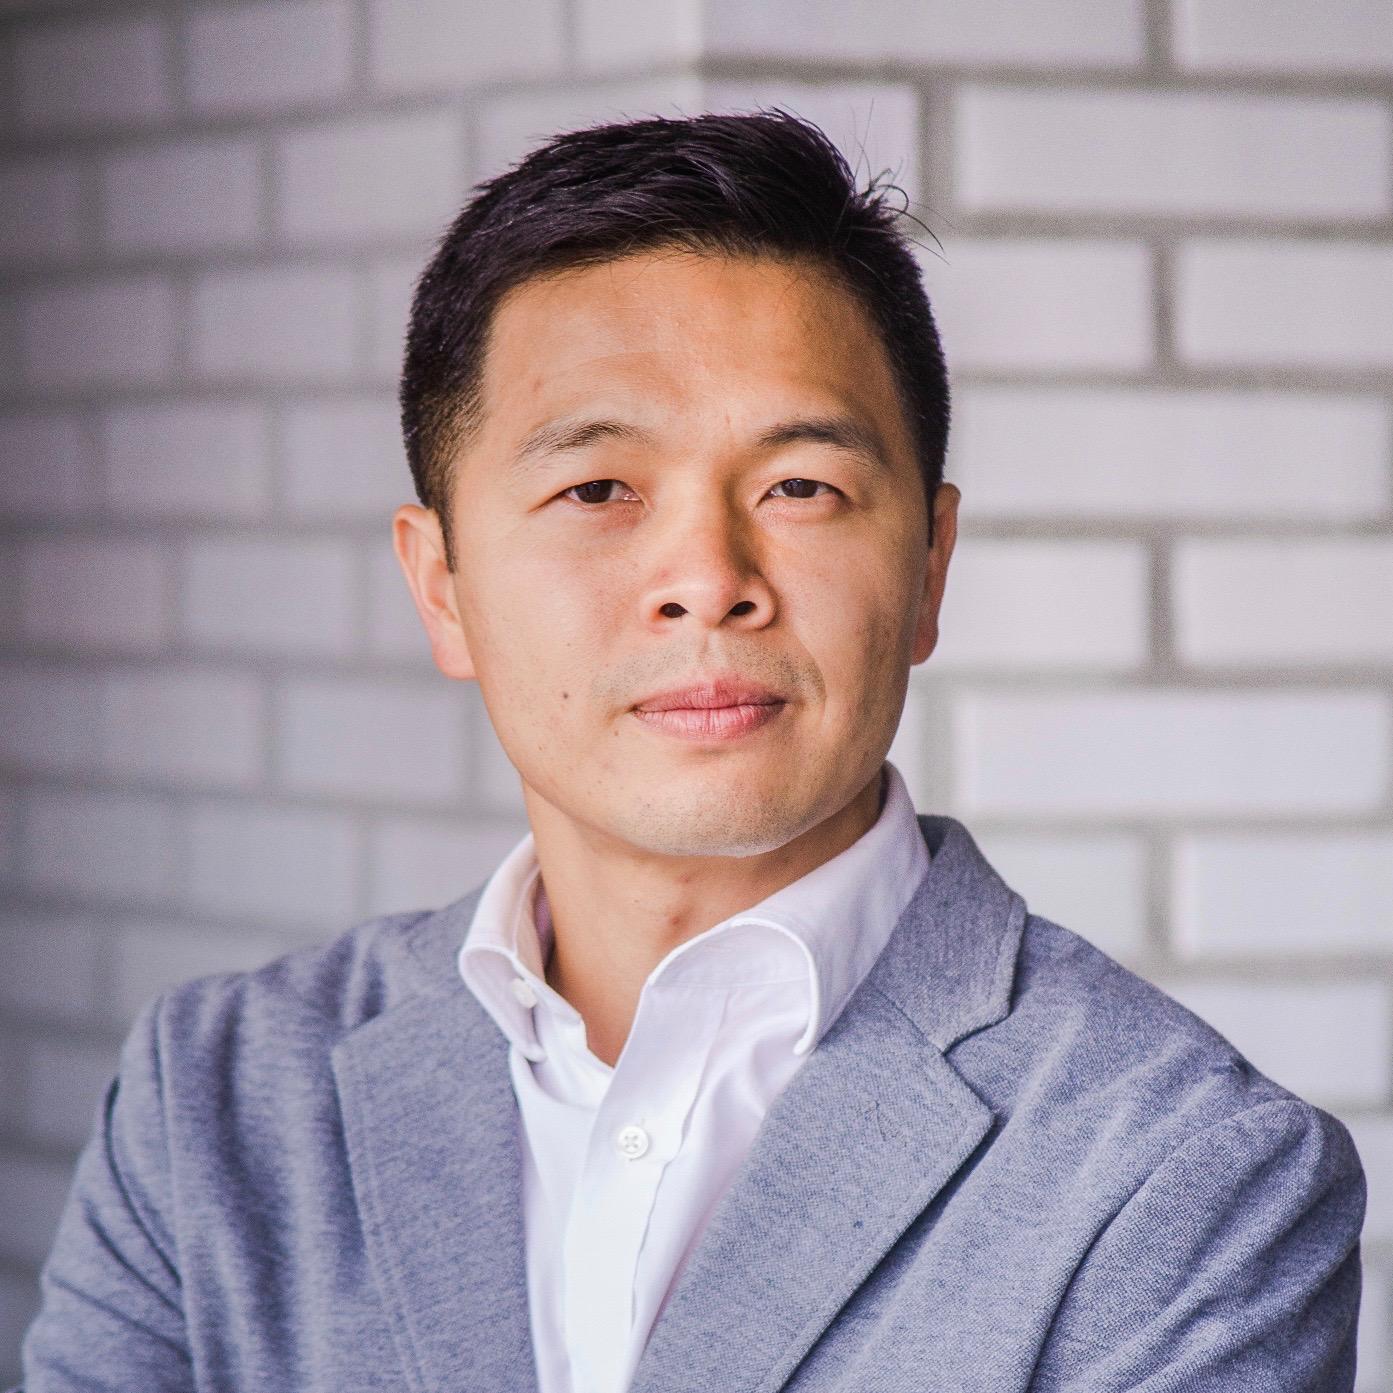 Jose Chong